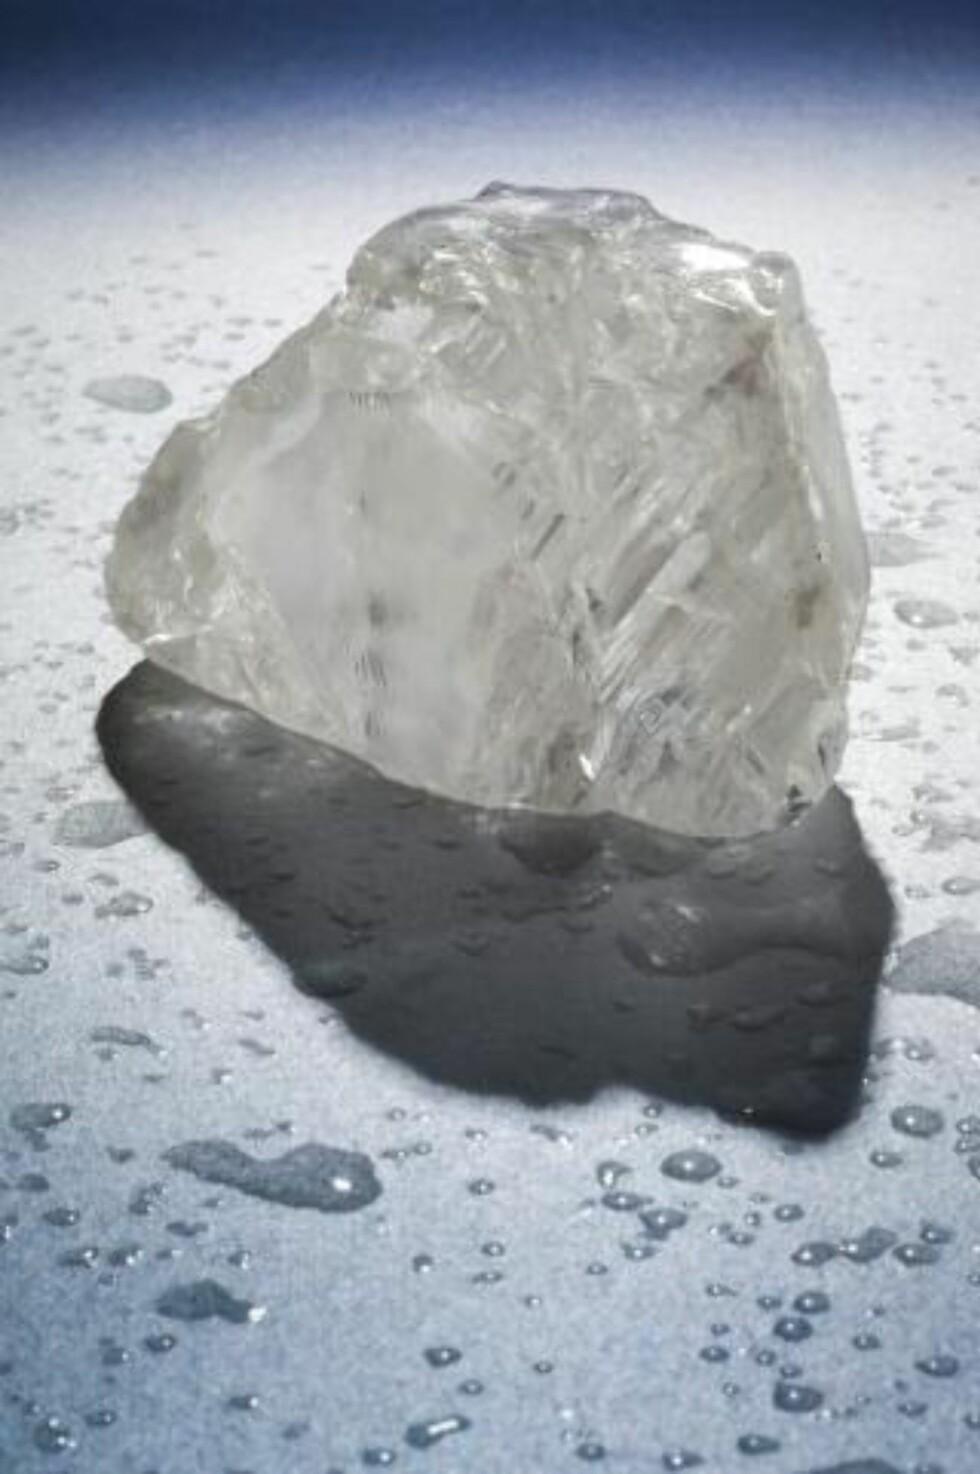 KRONJUVEL? Firmaet som fant diamanten mener den kan sammenlignes med tidligere diamantfunn som er blitt en del av de britiske kronjuvelene. Foto: EPA/PETRA